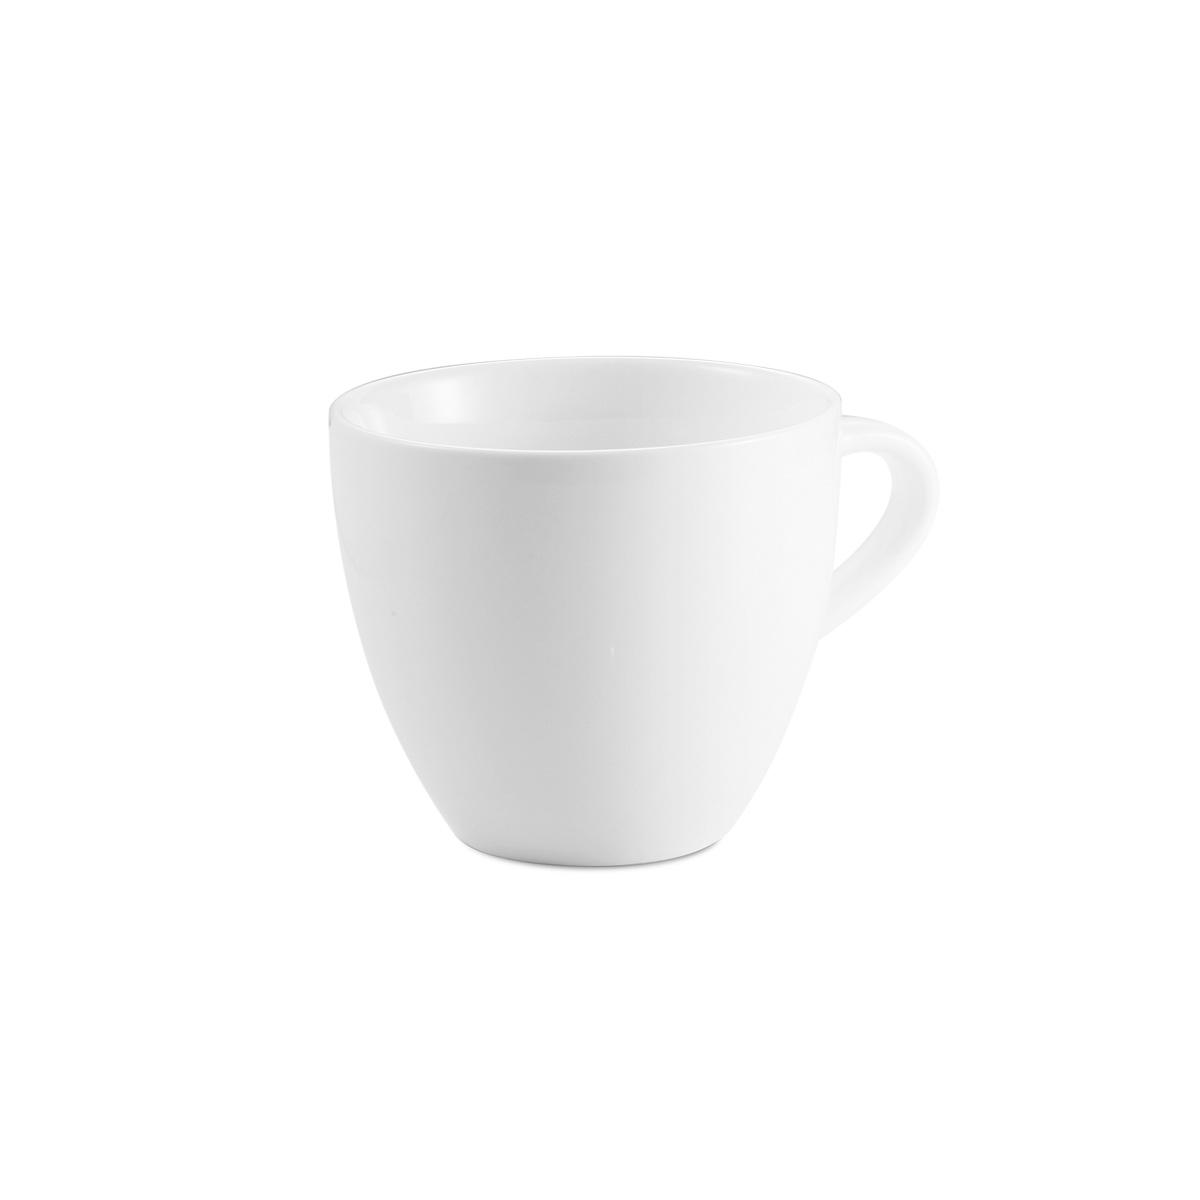 Šálek na čaj ALL FIT ONE, Belly